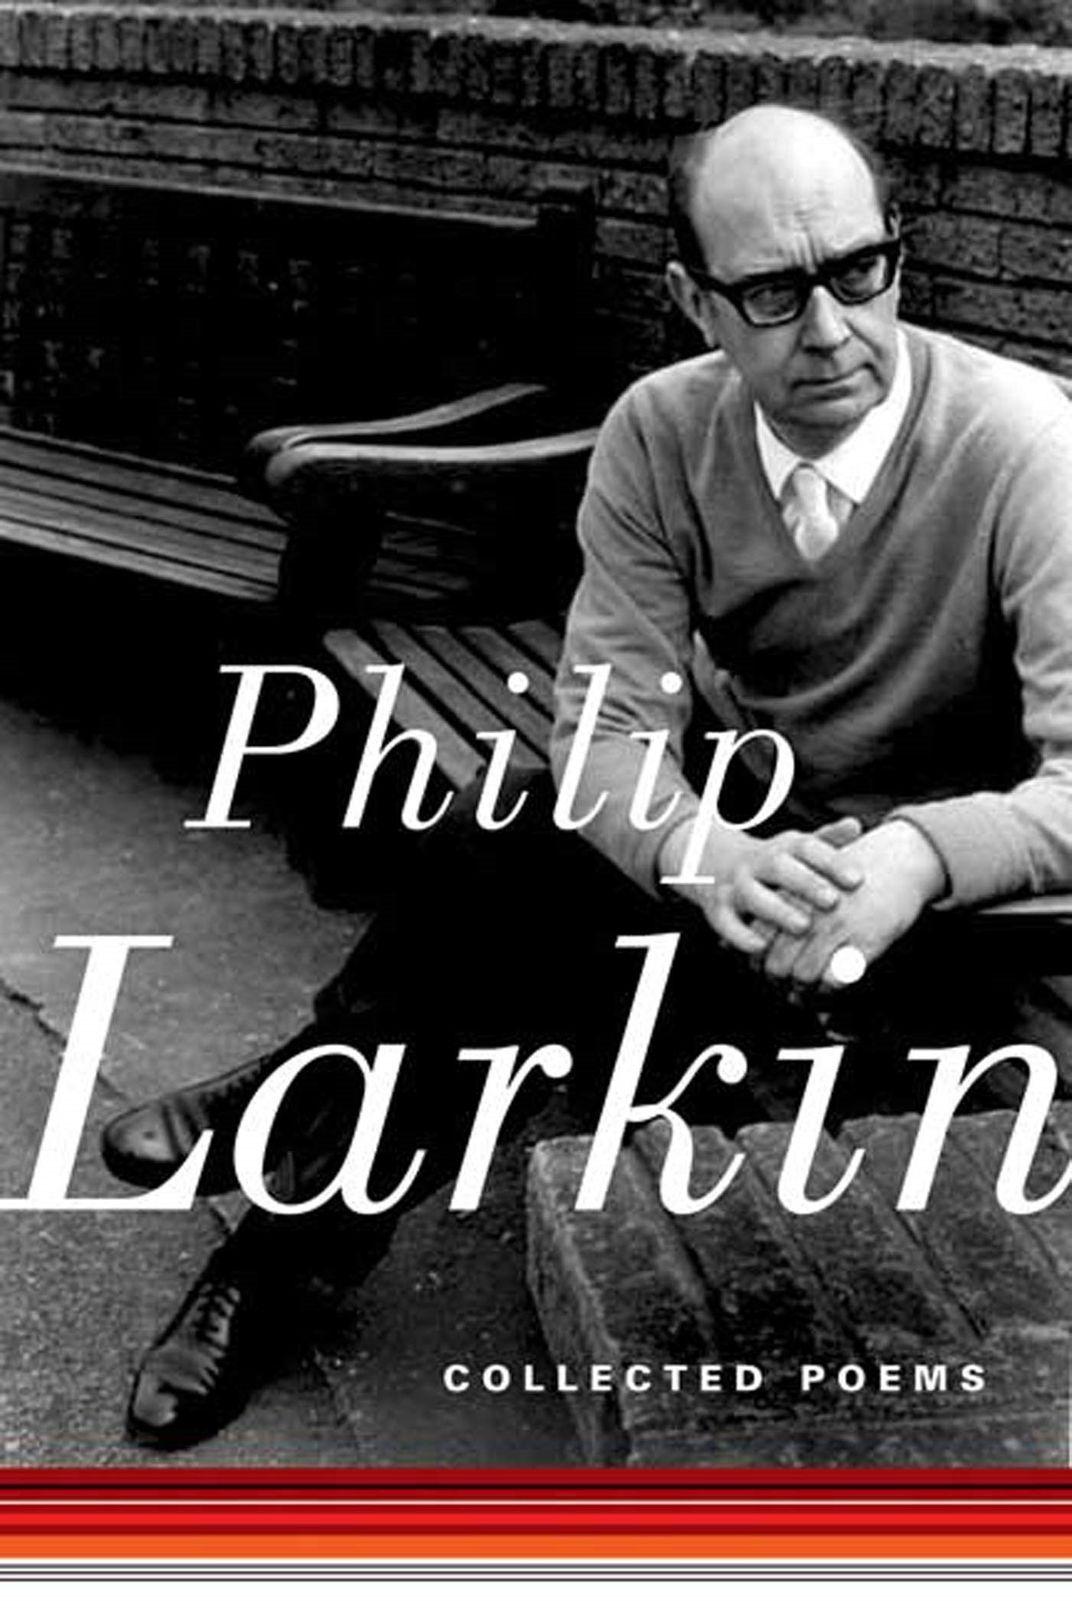 <em>Collected Poems of Philip Larkin</em>